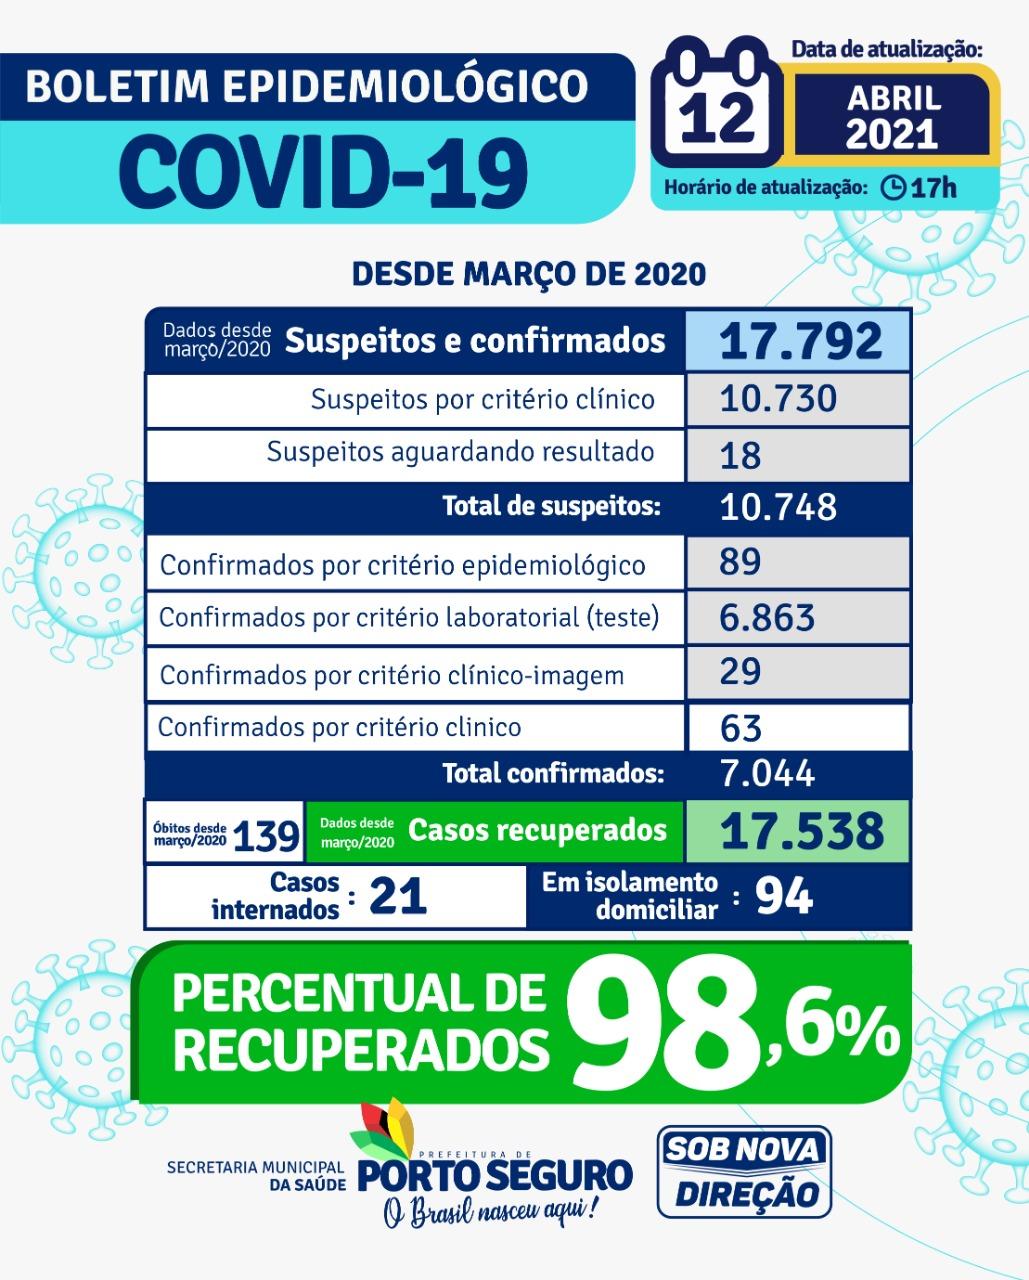 PORTO SEGURO: Boletim Coronavírus 12/abril 29